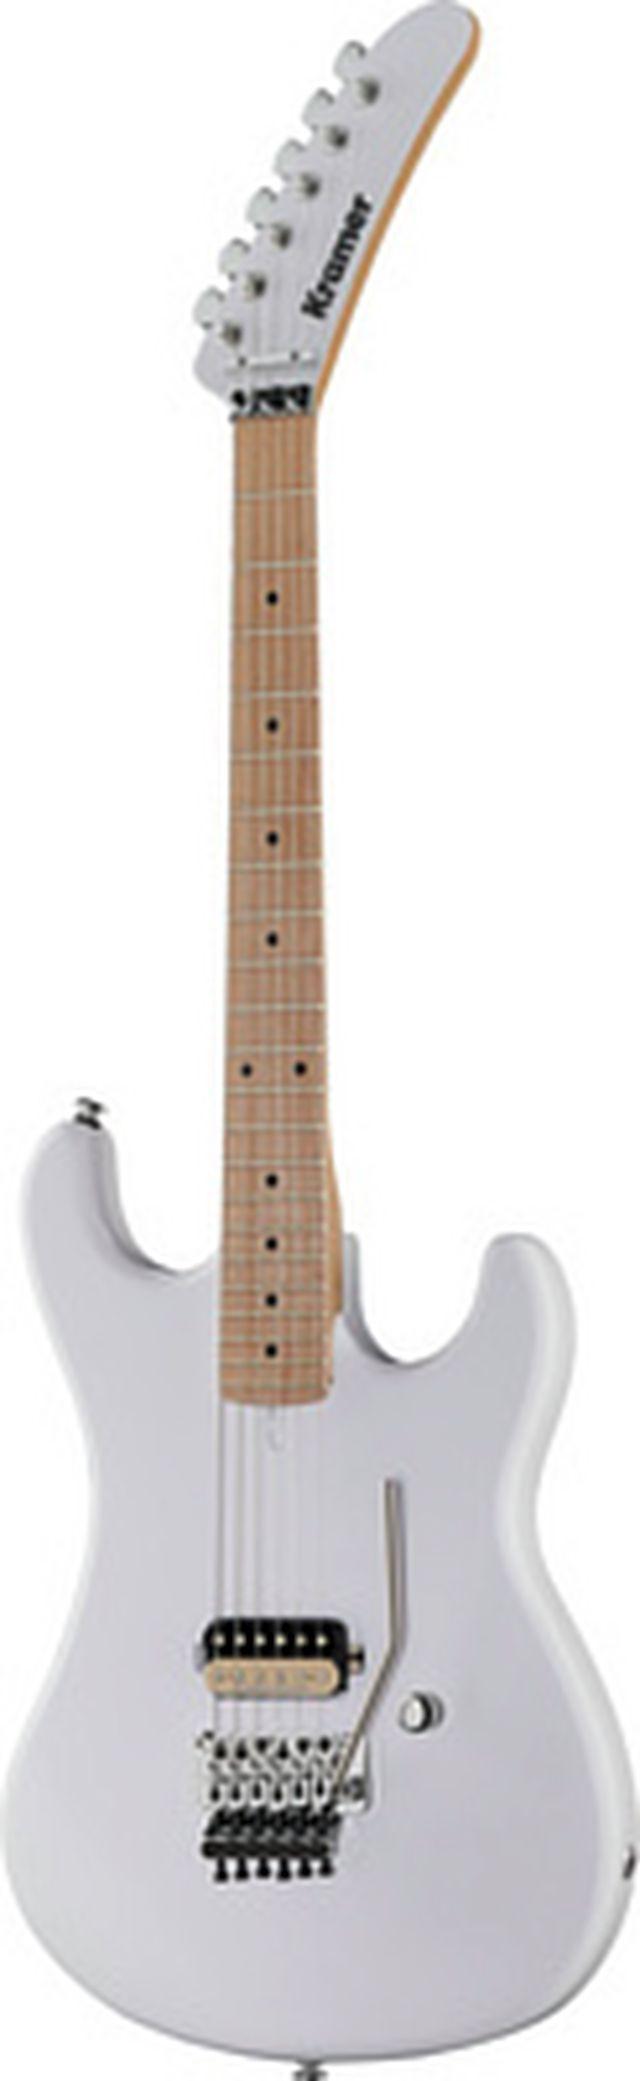 Kramer Guitars The 84 Matte White